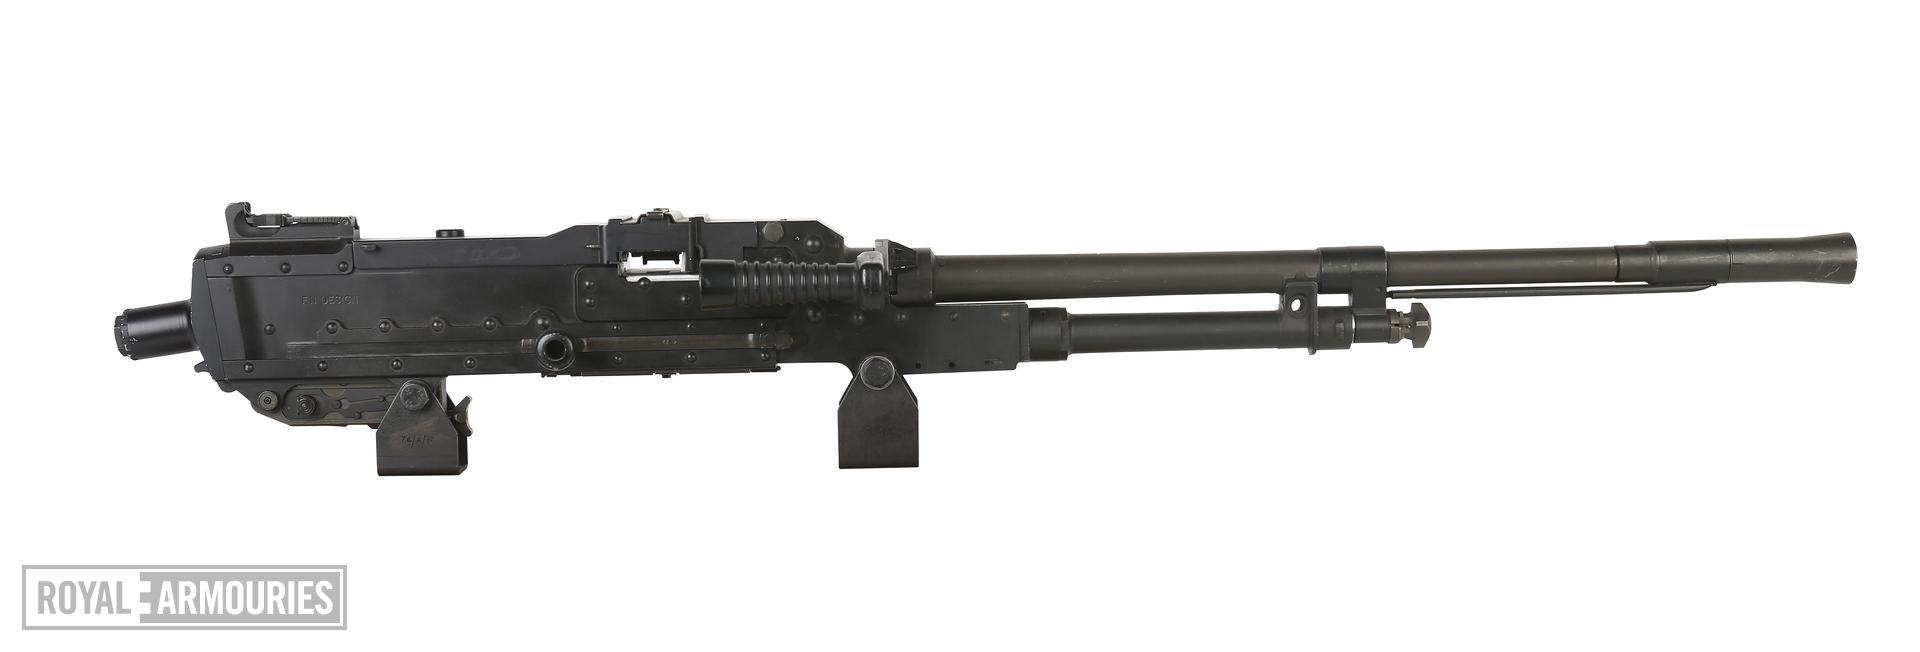 Centrefire automatic machine gun - GPMG FN L37A1